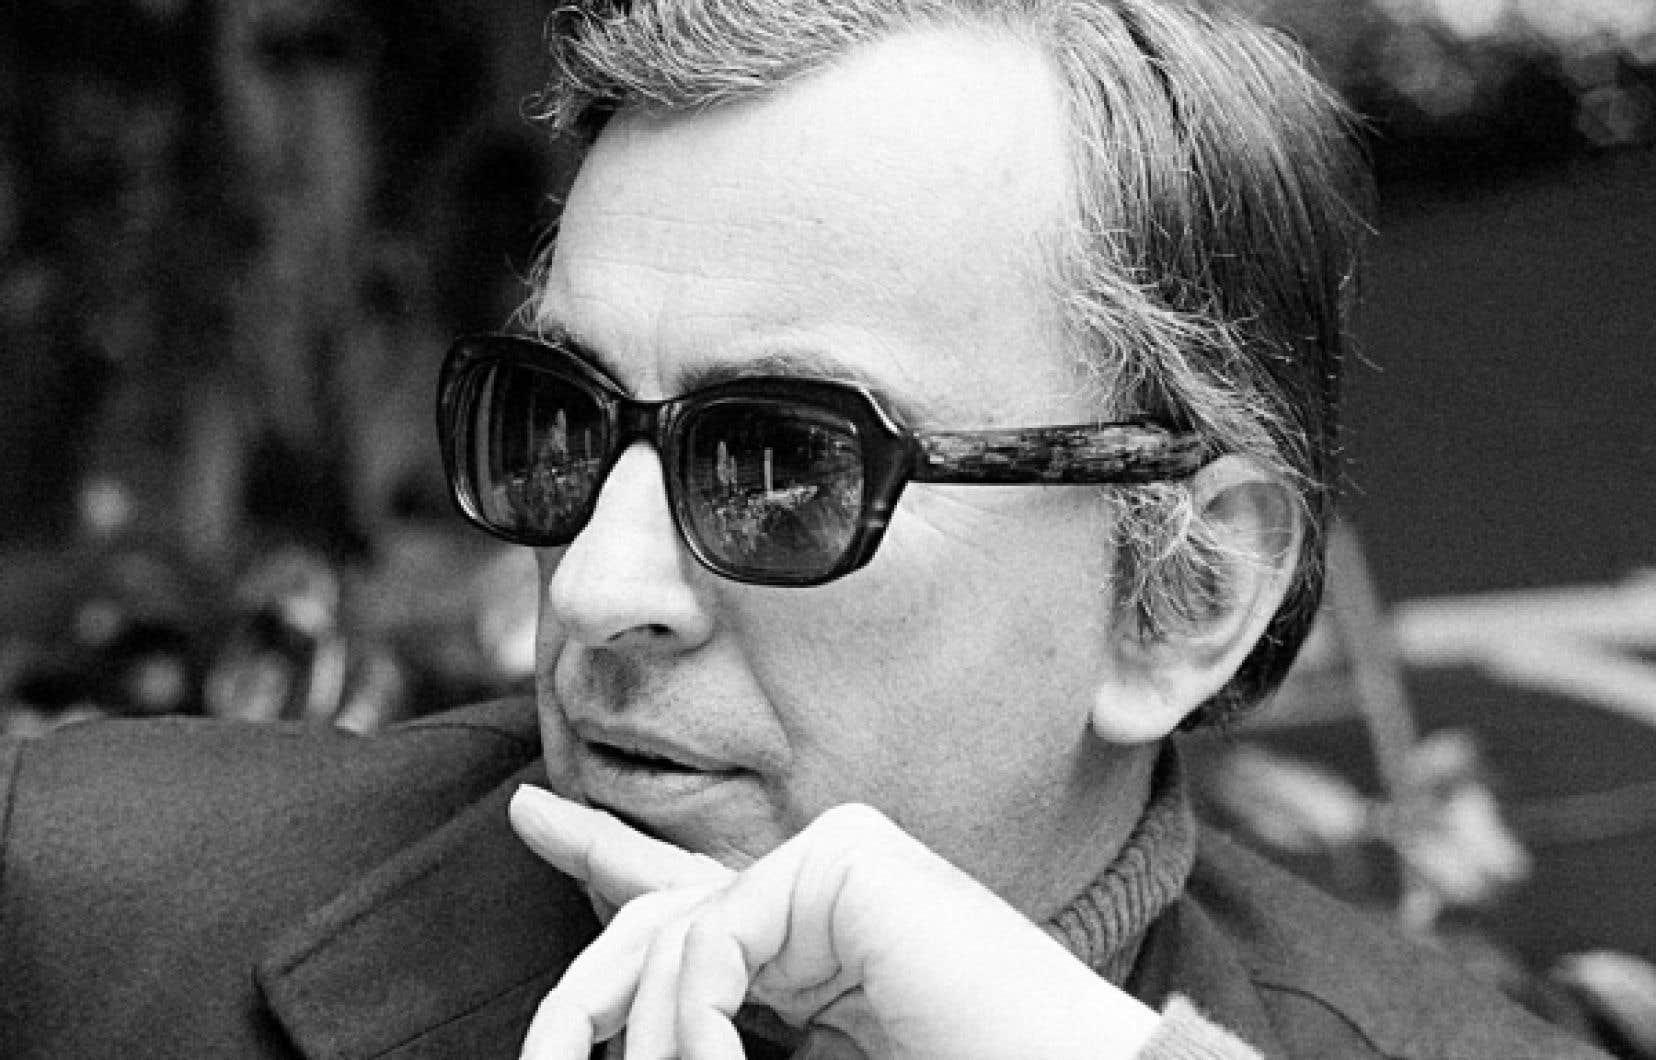 Le romancier Gore Vidal, mort mardi à l'âge de 86 ans des suites d'une pneumonie à son domicile de Los Angeles, était une institution irrévérencieuse de la littérature américaine. Il se signale par son goût de la provocation mais aussi une culture et une puissance de travail hors du commun.